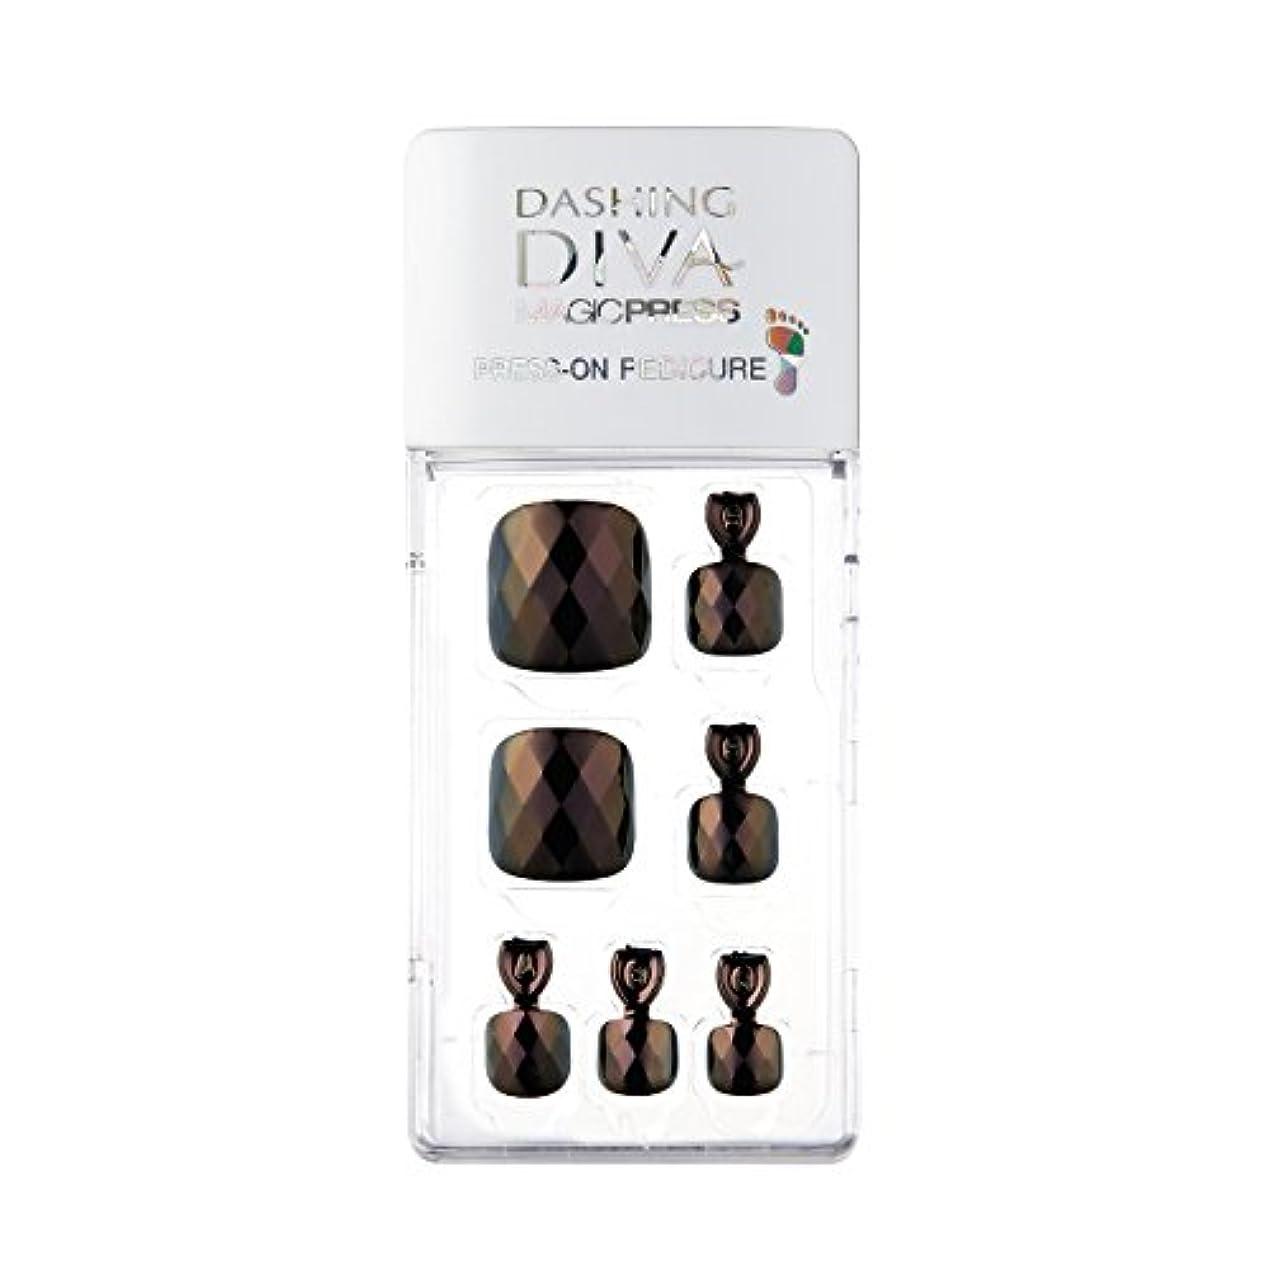 売上高マーカーチョコレートダッシングディバ マジックプレス DASHING DIVA MagicPress MDR176P-DURY+ オリジナルジェル ネイルチップ